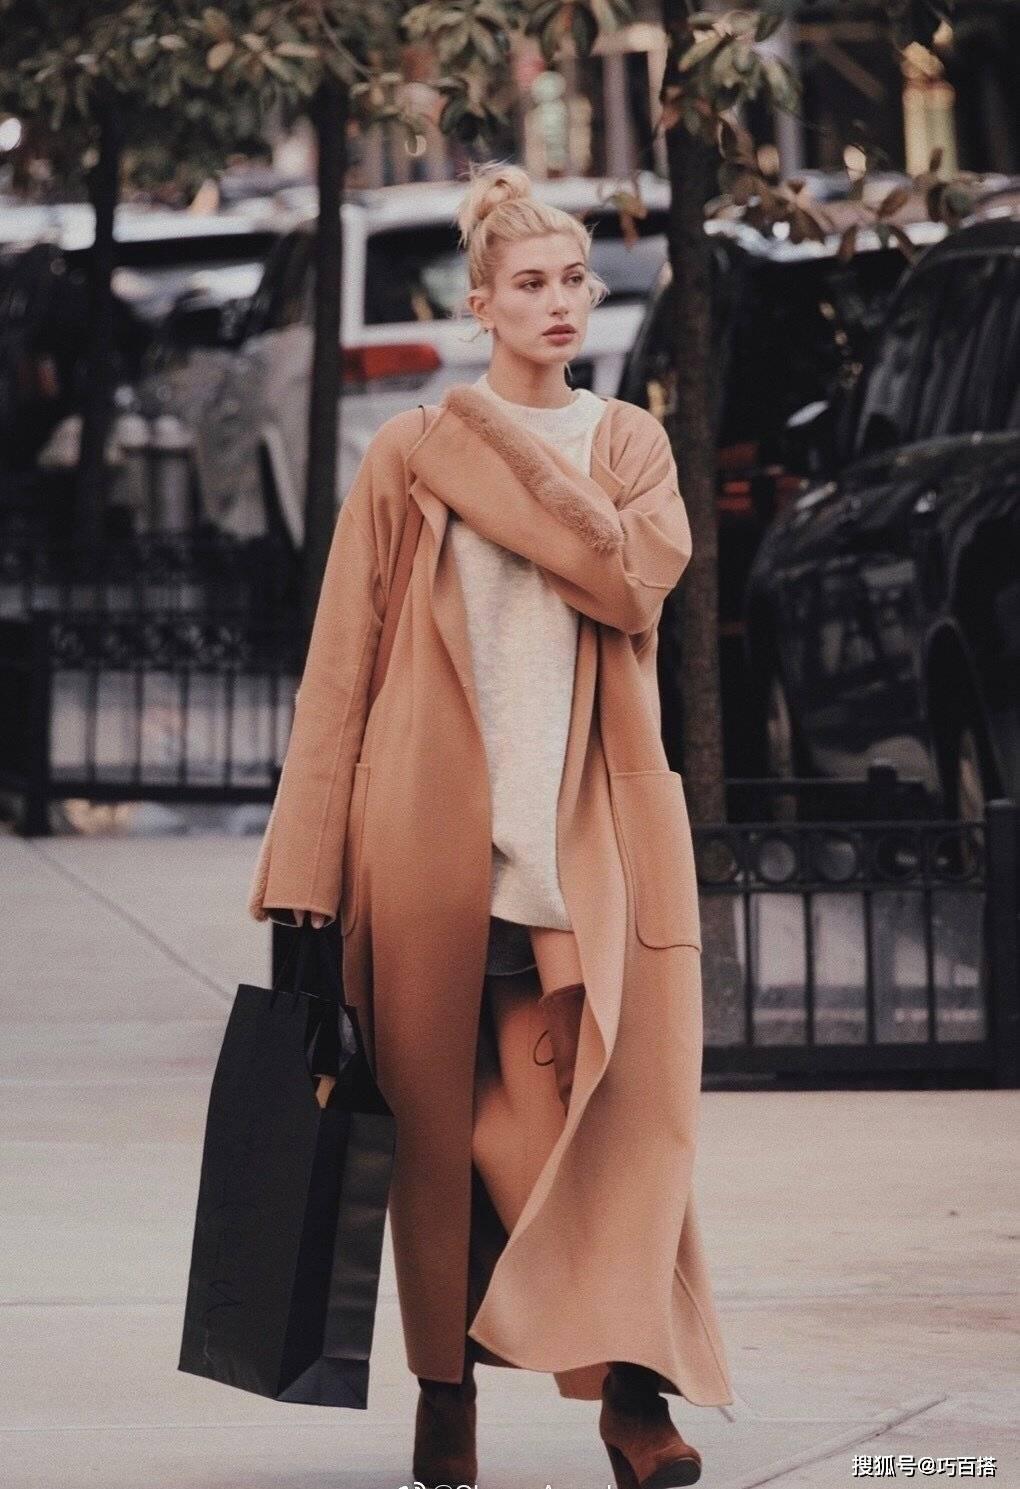 比伯娇妻为什么爱穿高跟鞋?看到她的出街合集我明白了,确实好看